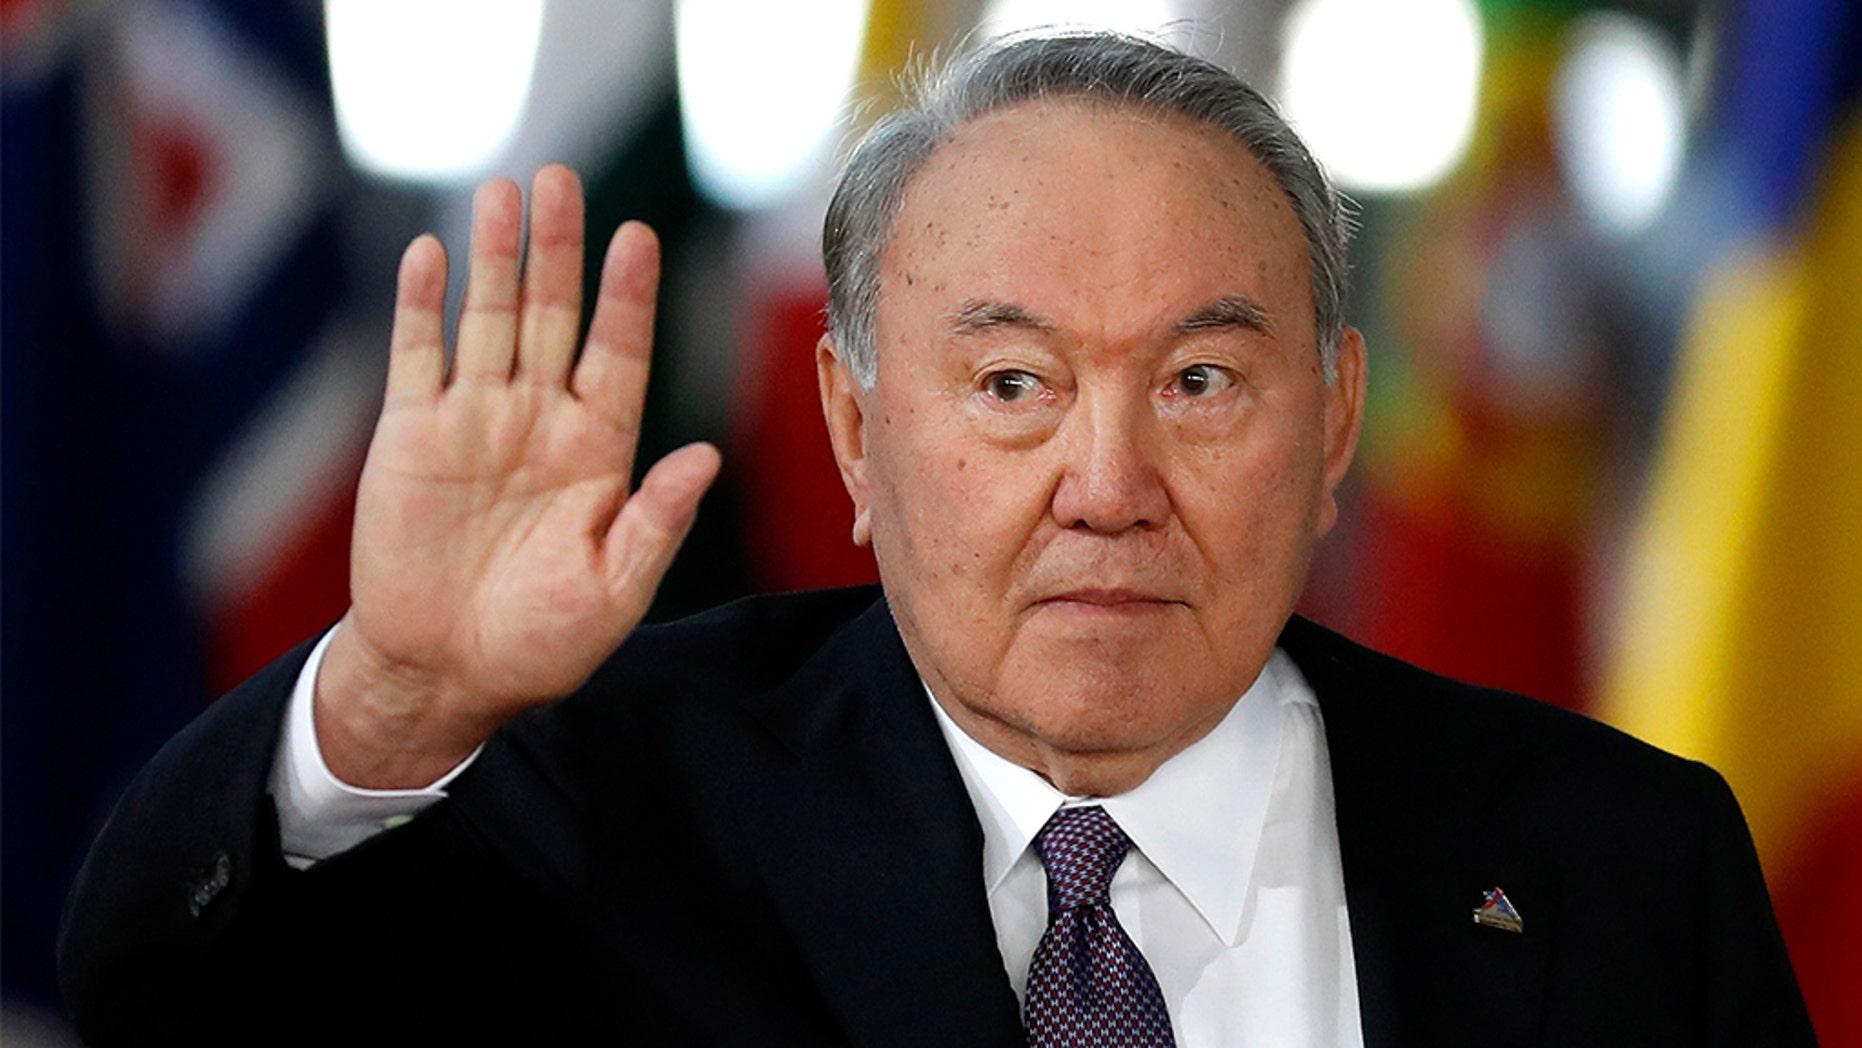 Explainer: Kazakh President Nazarbaev Resigns, But Is He Really Leaving?